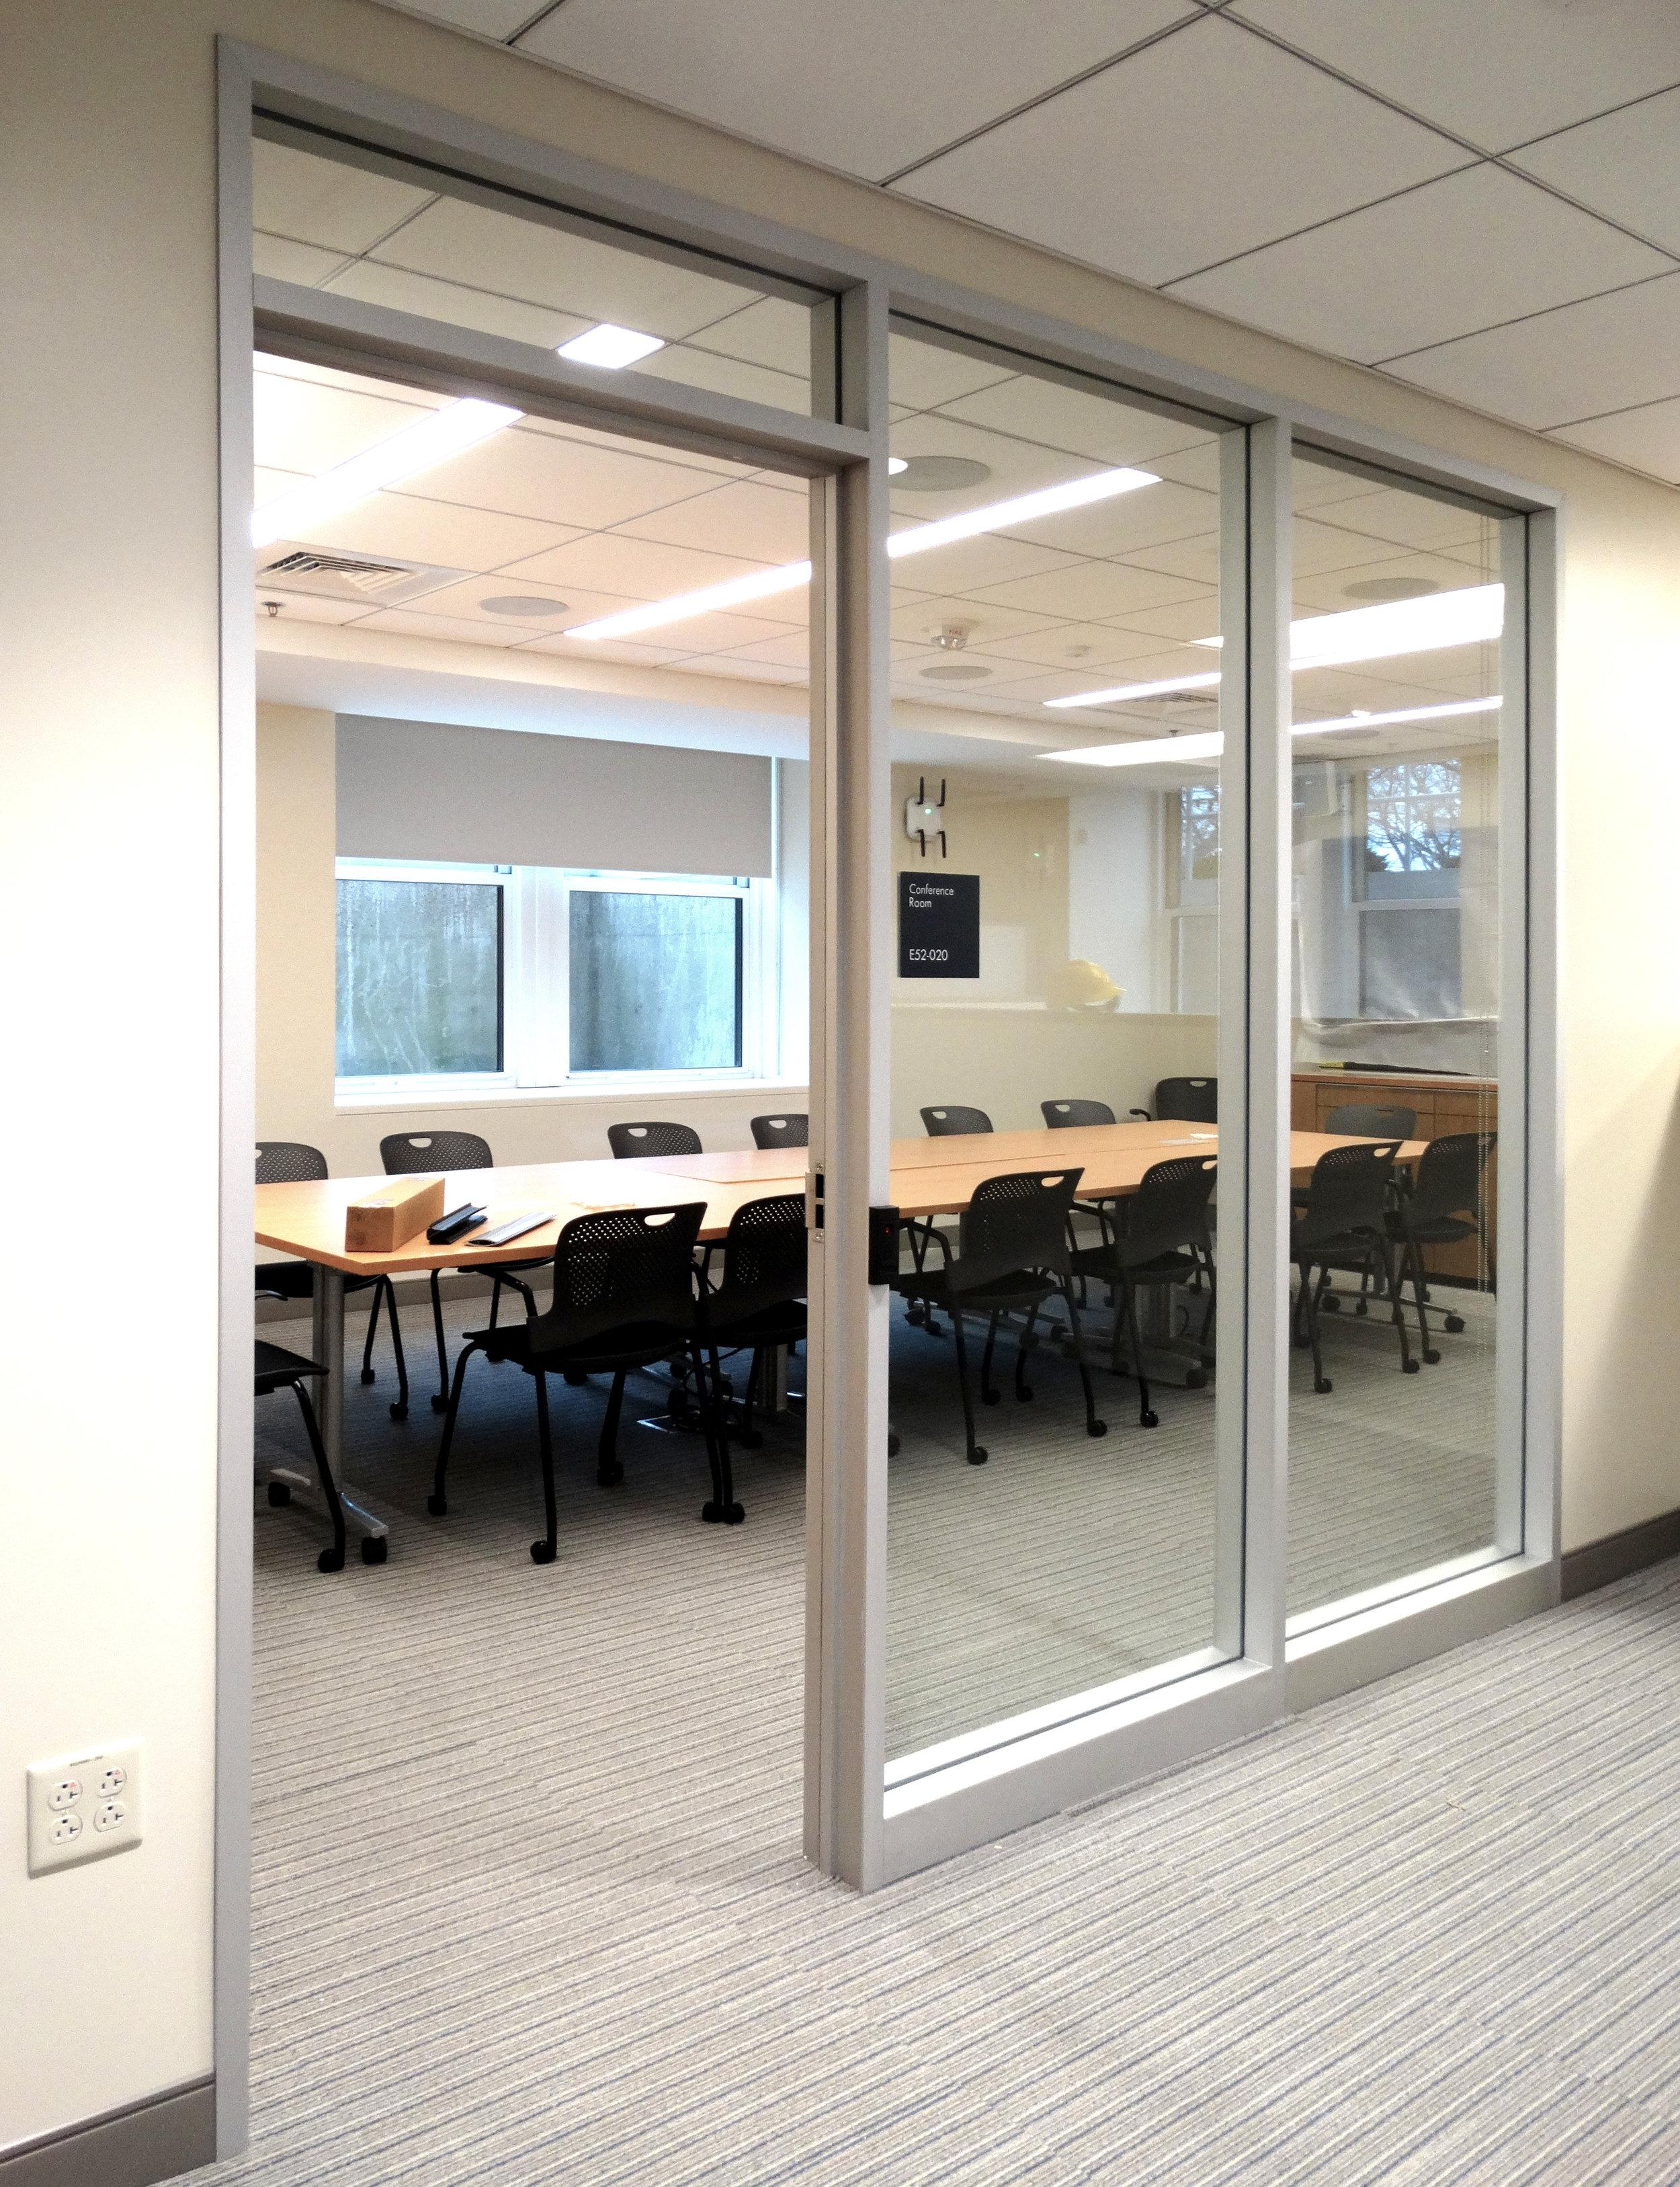 Encase Aluminum Framed Transom Glass Wall - Spaceworks AI.jpg